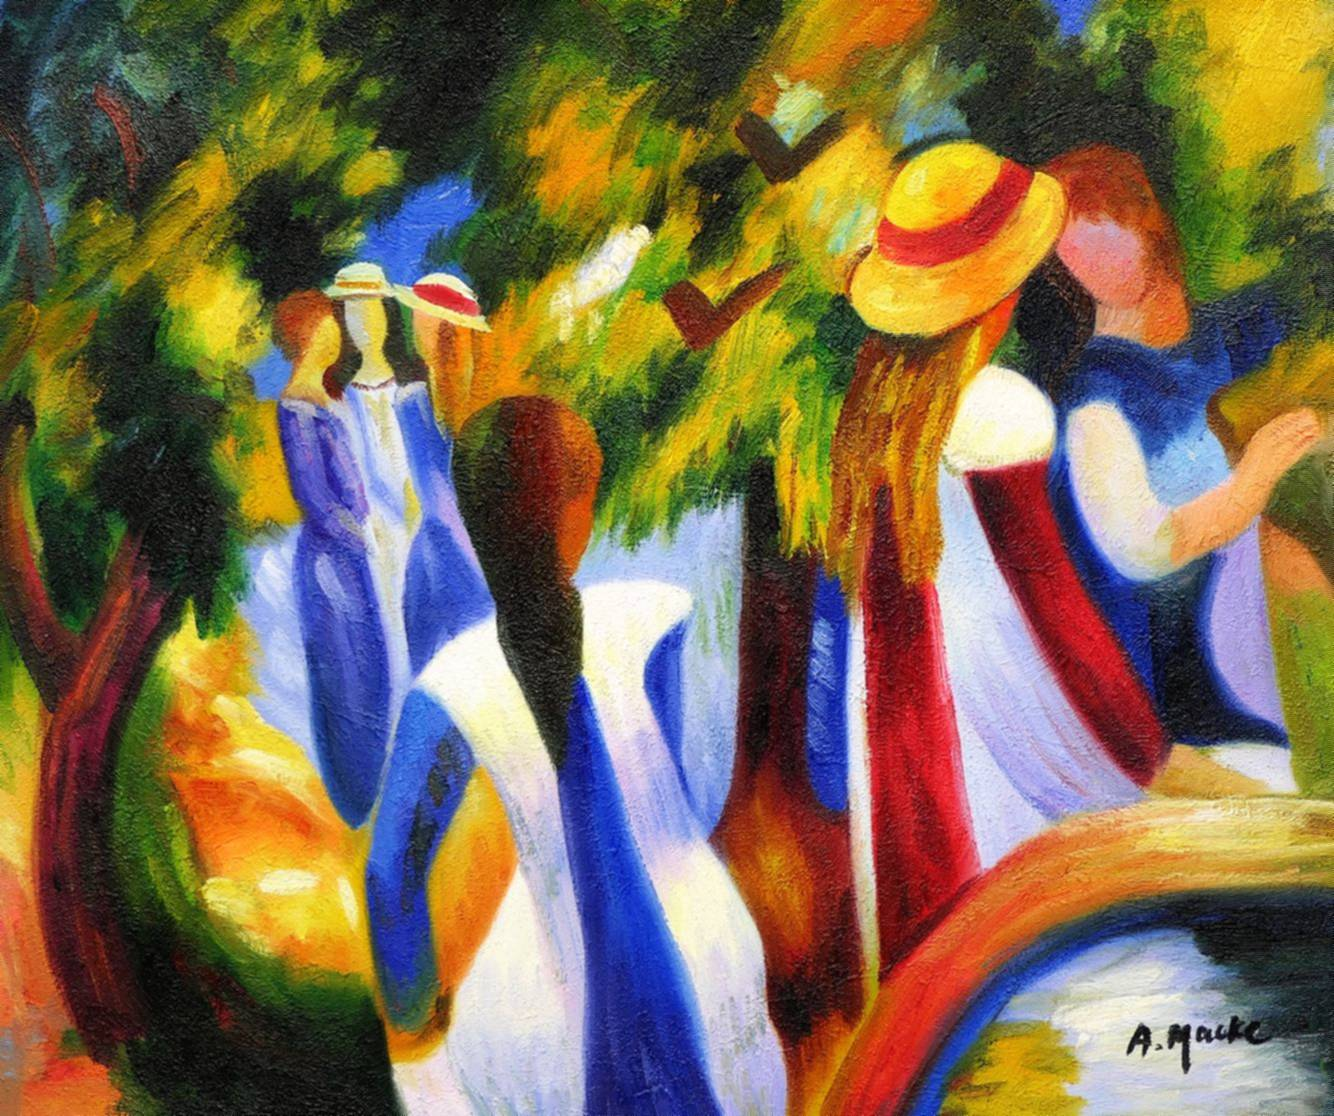 August Macke - Mädchen unter Bäumen c97017 50x60cm beeindruckendes Ölbild